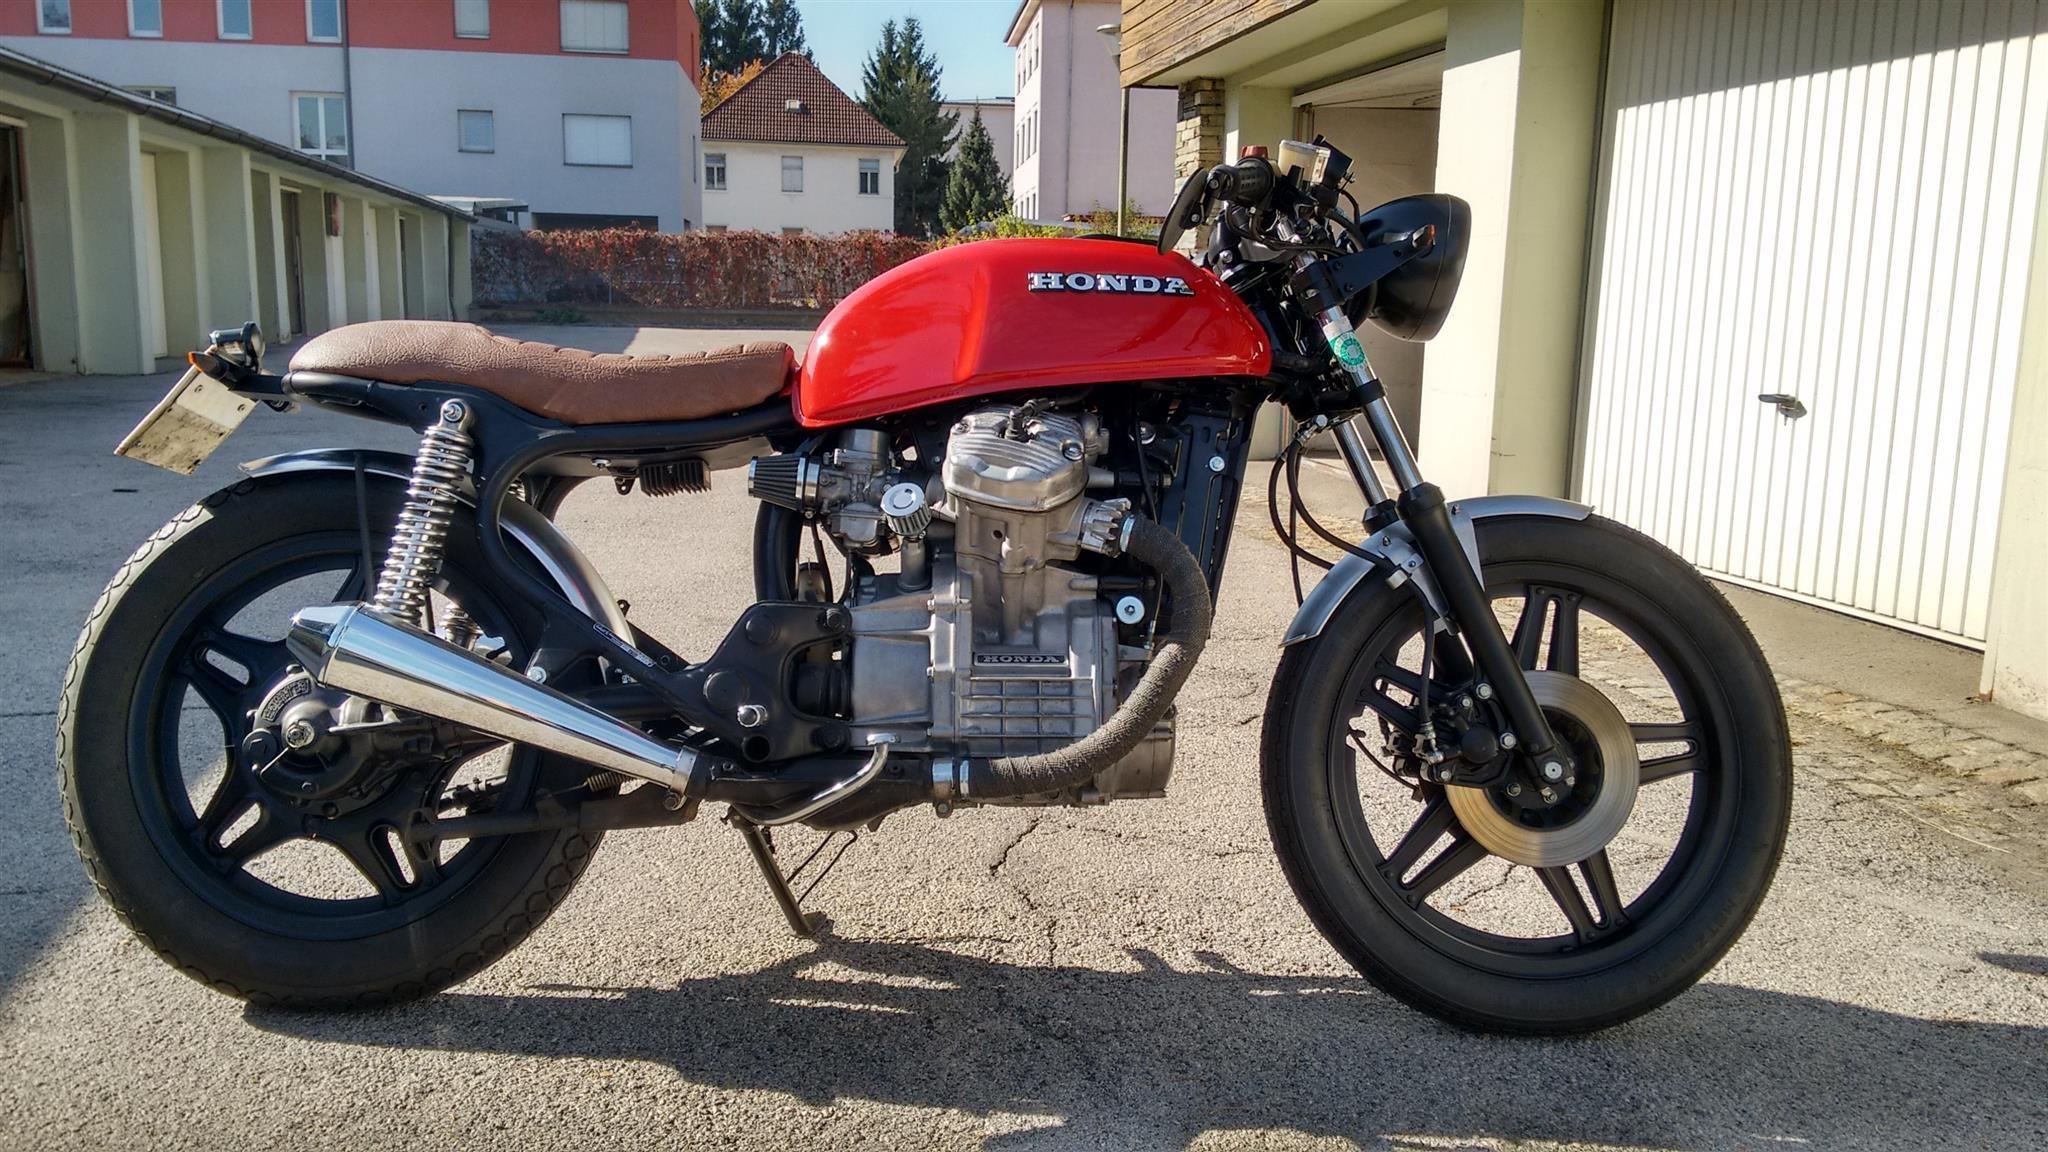 Honda cx 500 MK motorcycles | Motorrad bilder, Cx 500